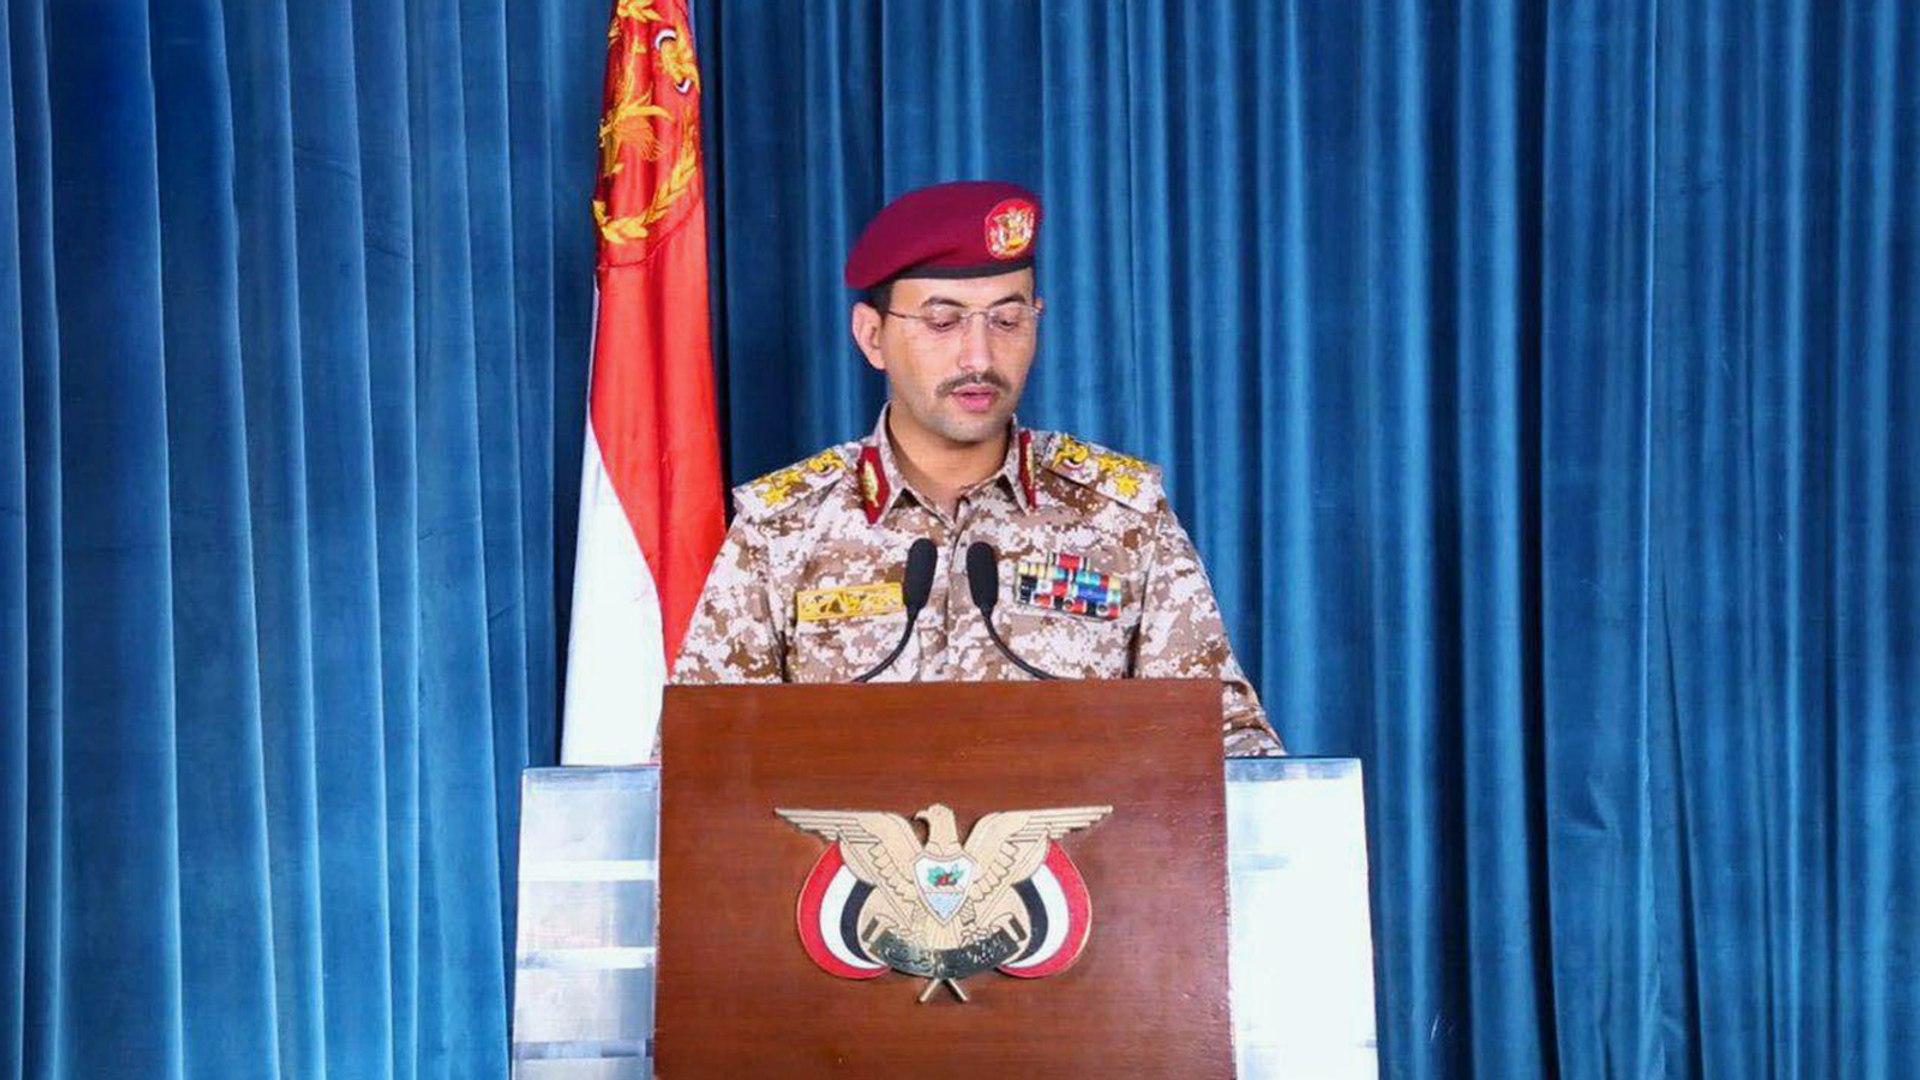 التصعيد العسكري يتصدر المشهد بين أطراف الحرب باليمن